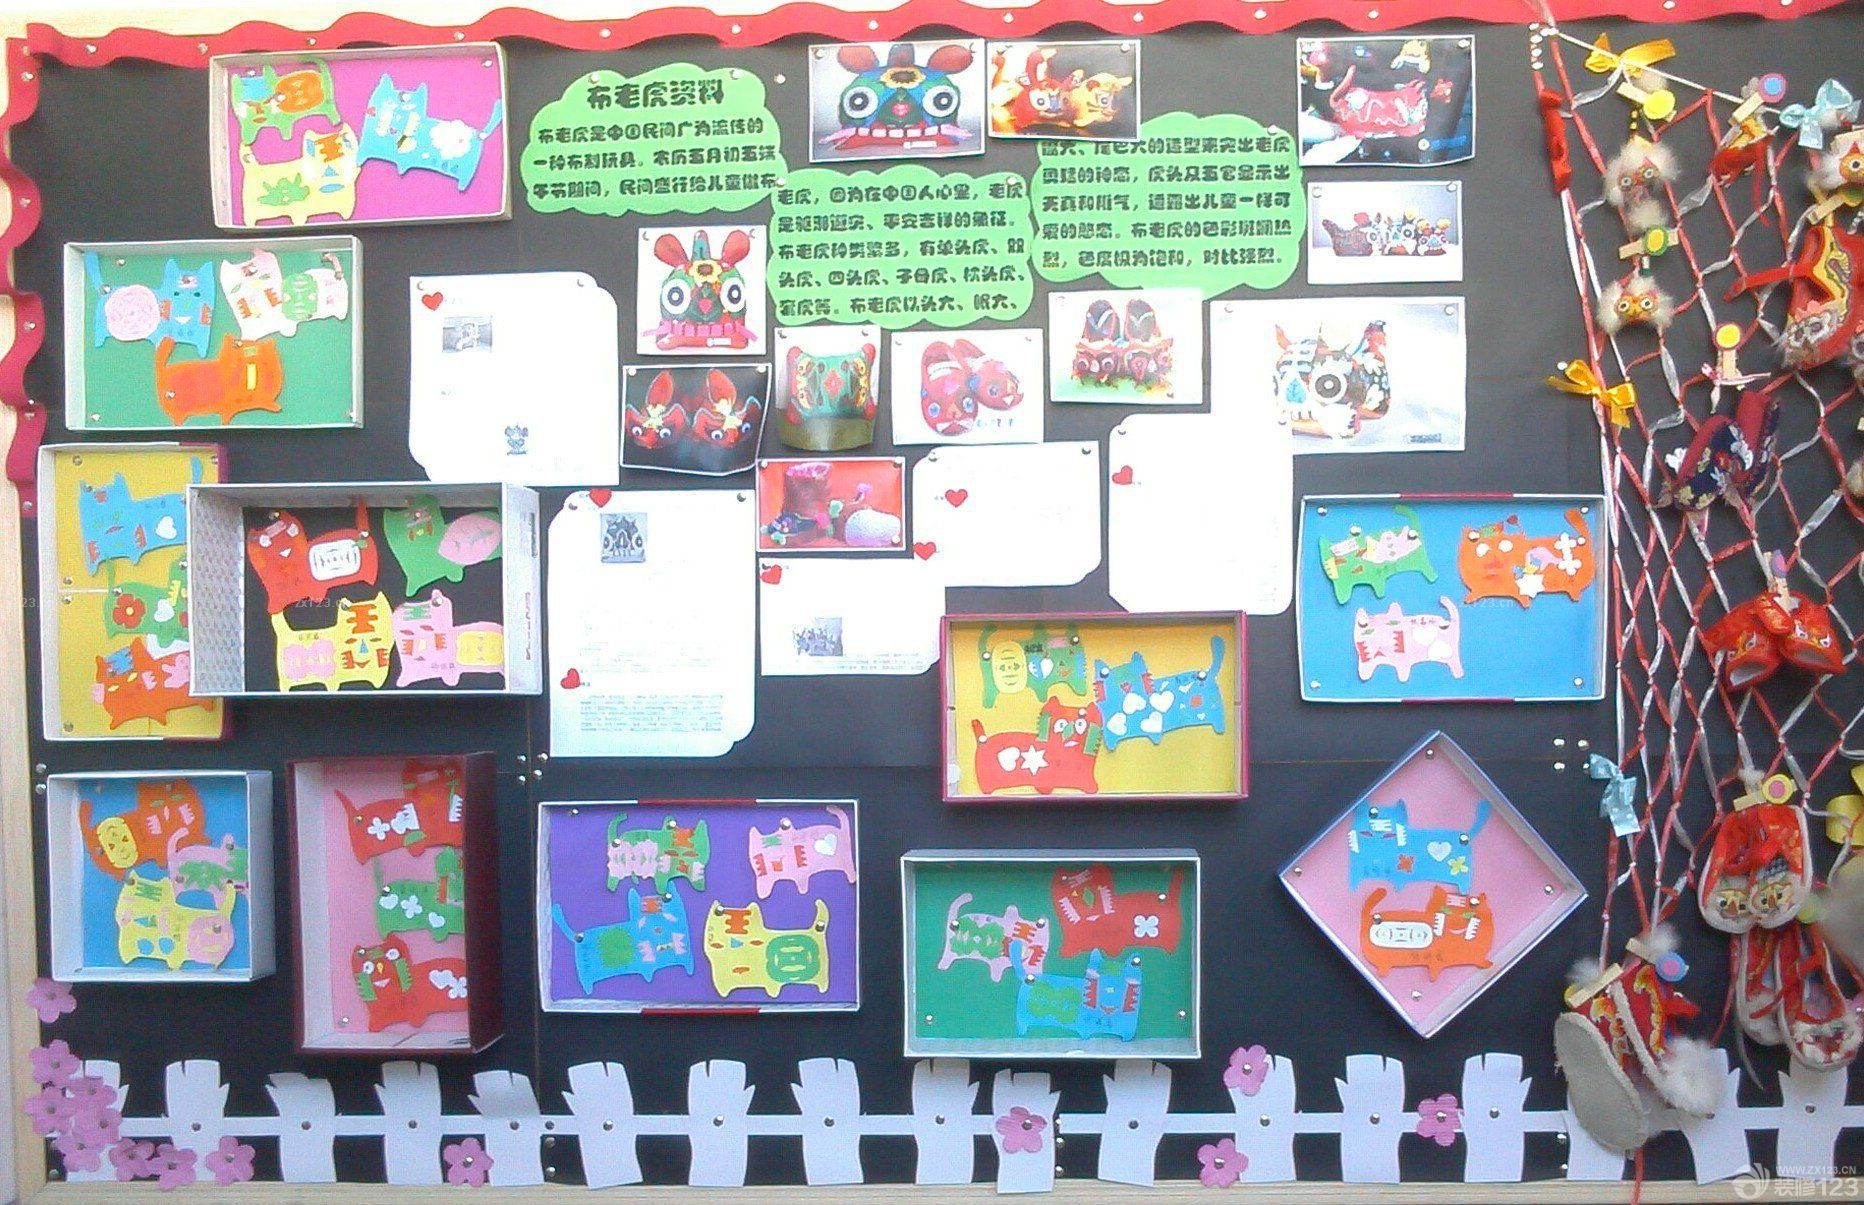 幼儿园主题墙手工制作图布置